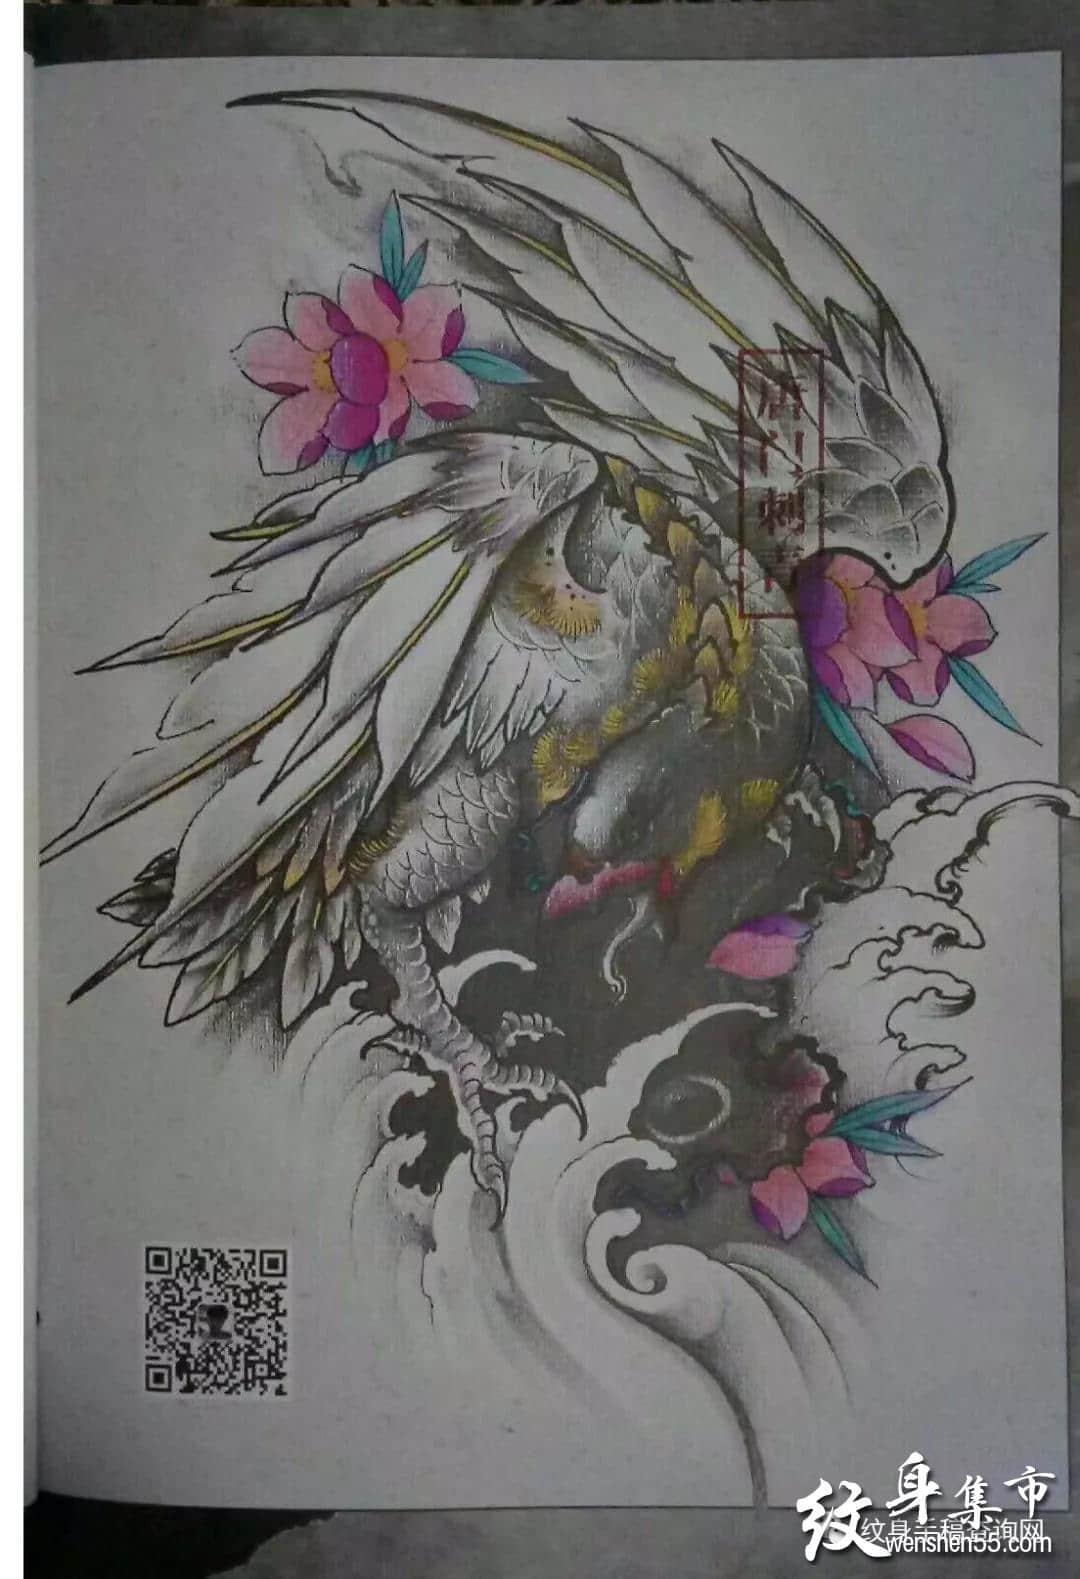 新传统纹身,新传统纹身手稿图案,唐门刺青6